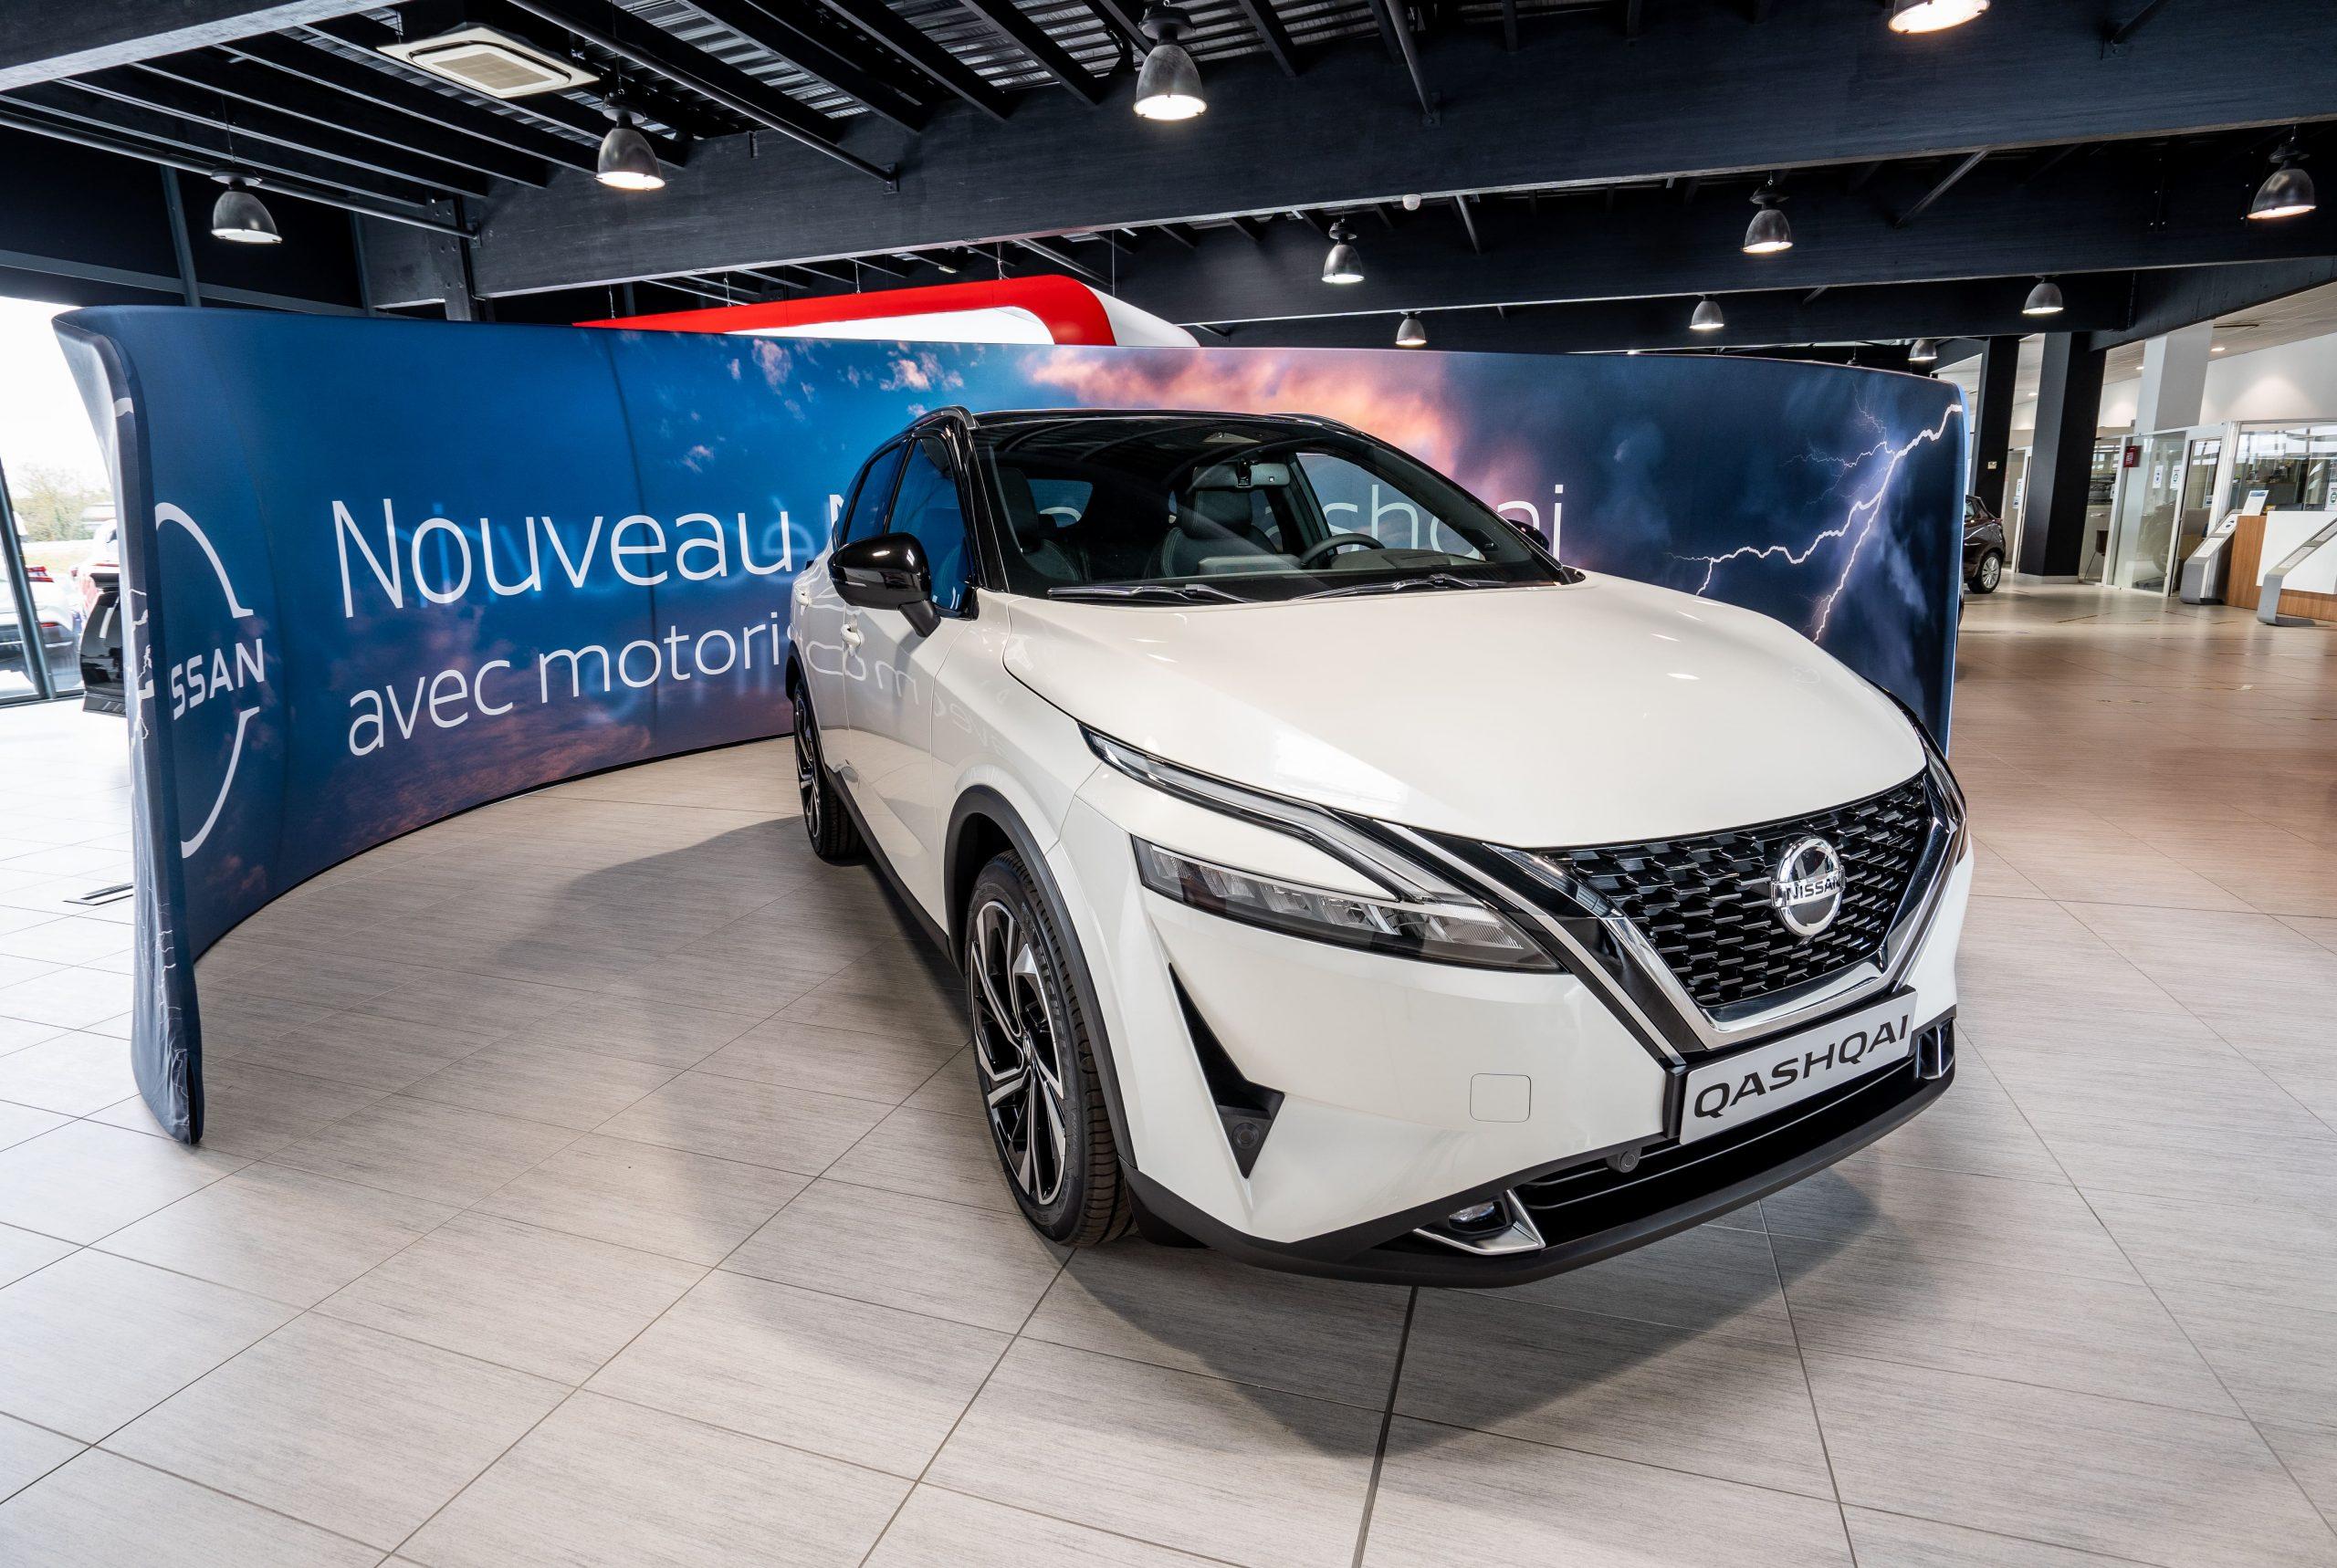 Photographe vidéaste Bordeaux : voiture Nissan